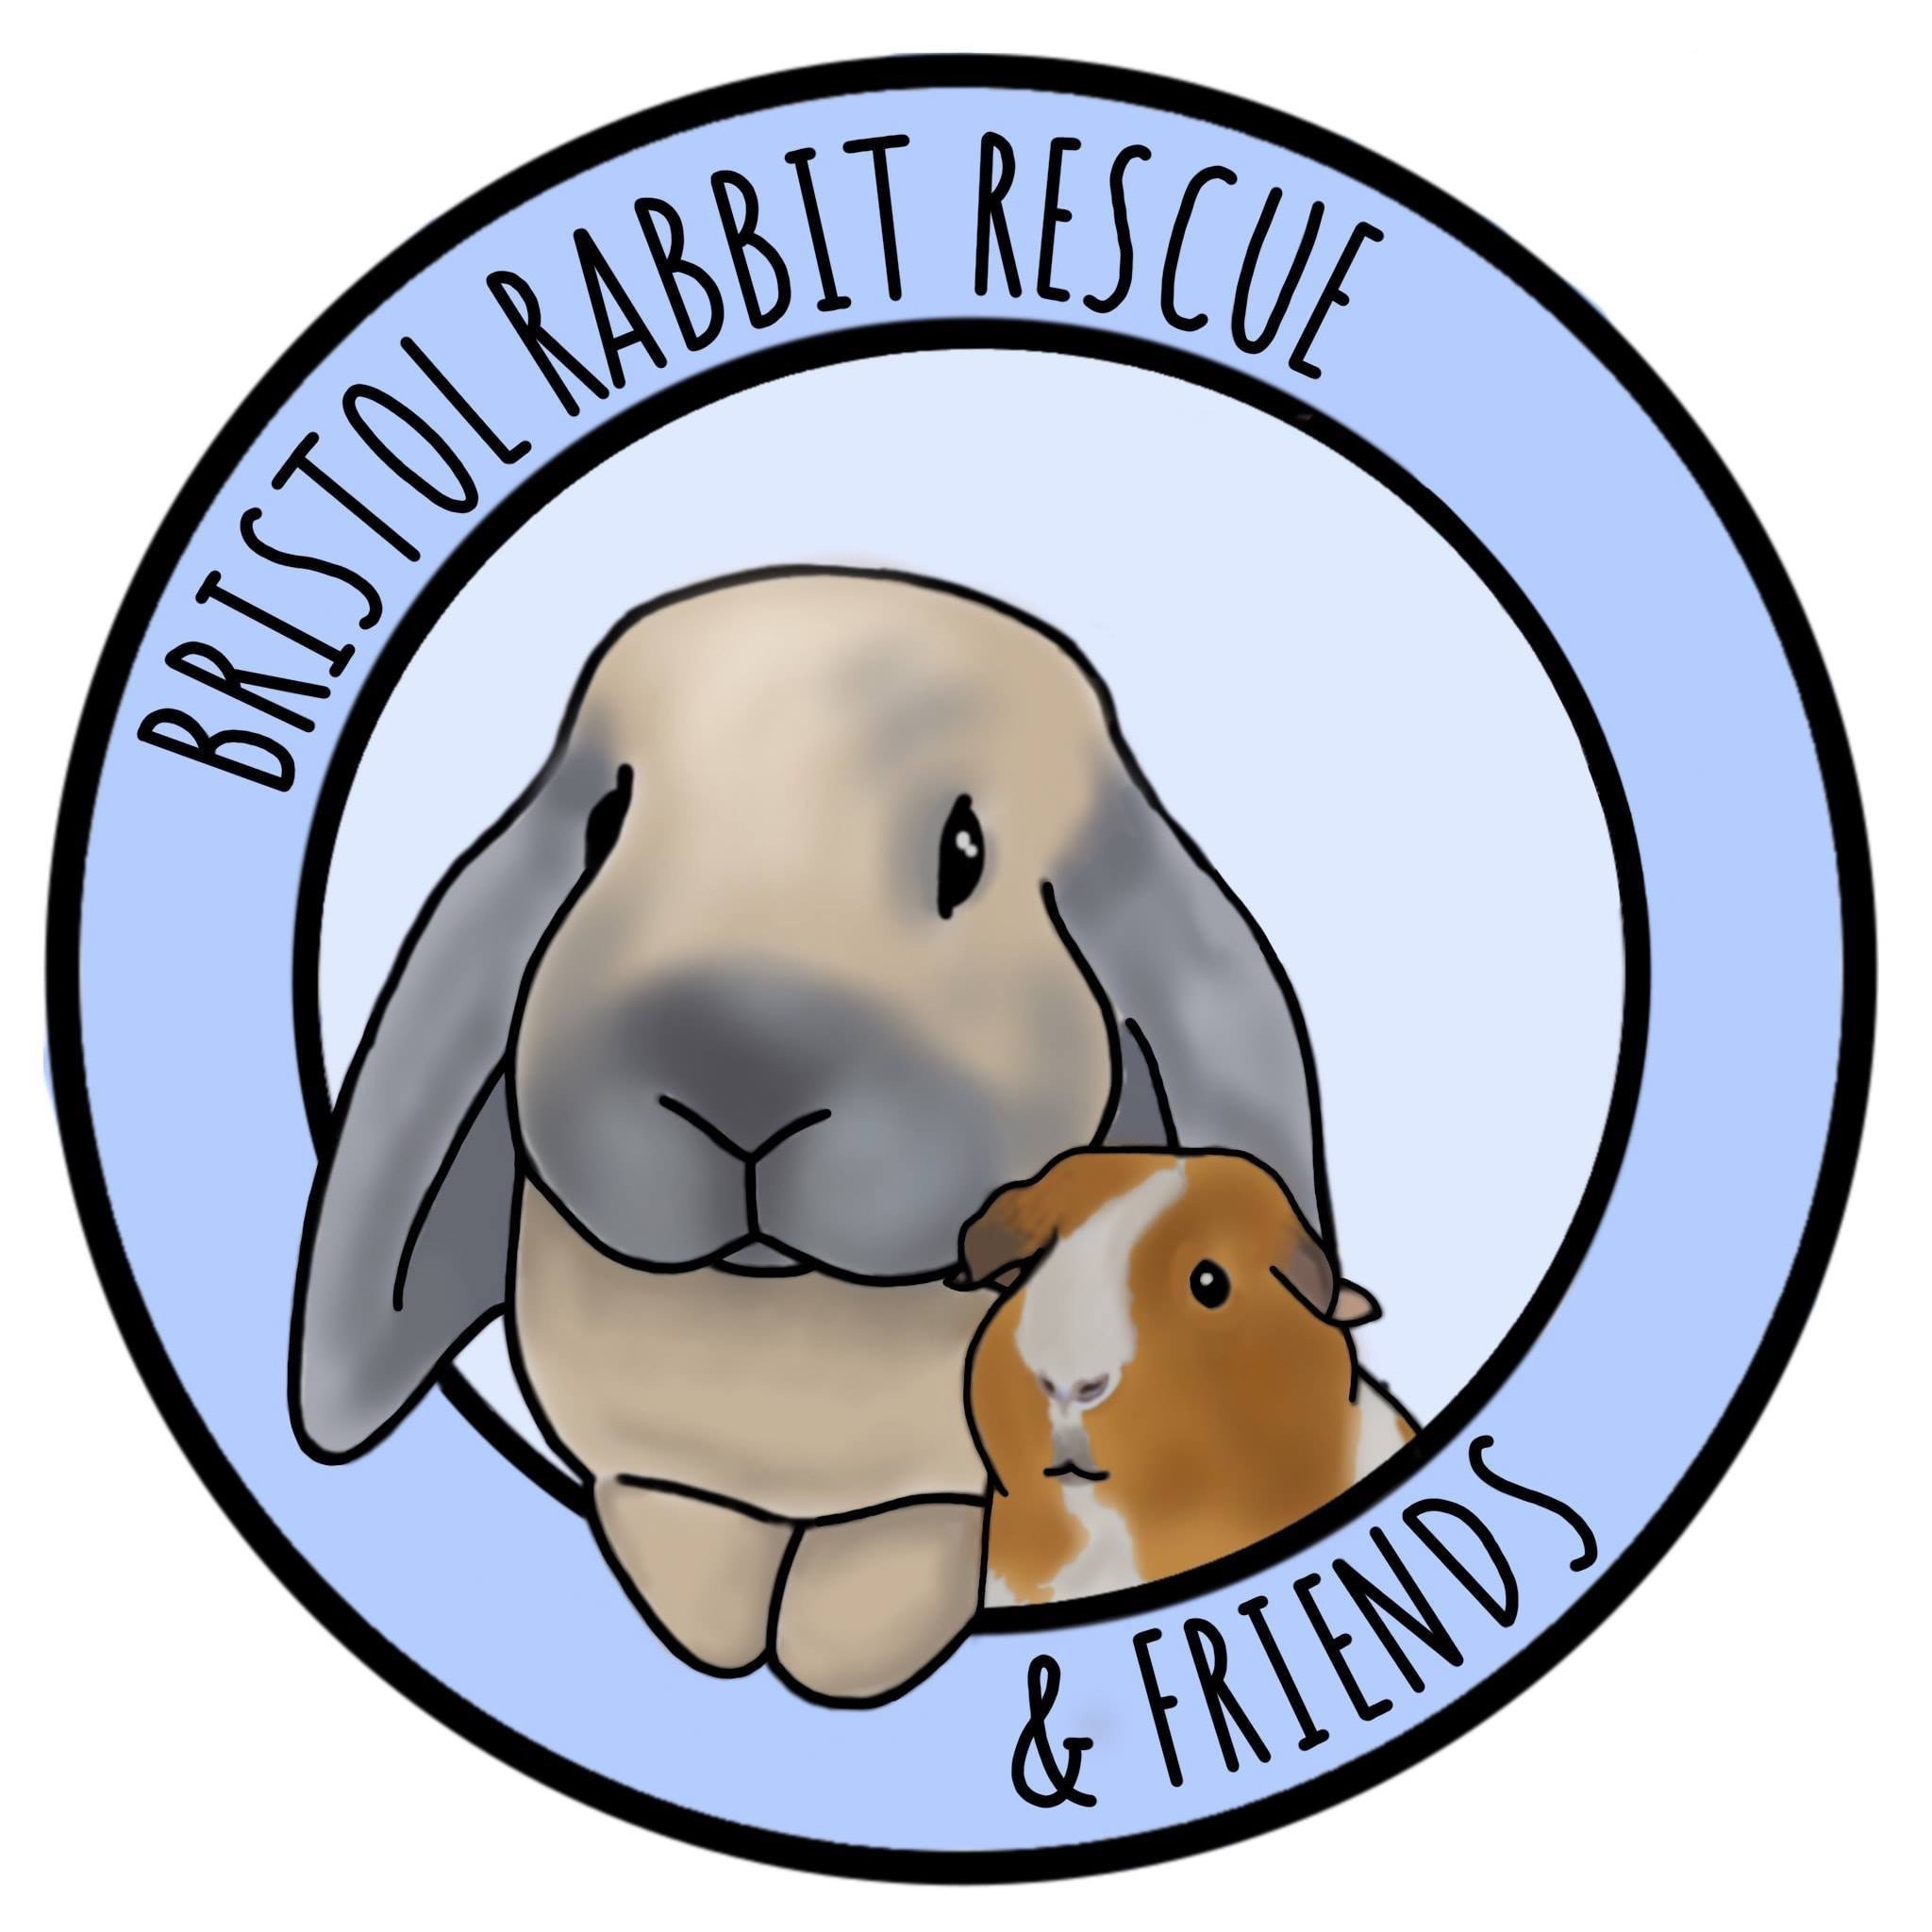 Bristol Rabbit Rescue And Friends